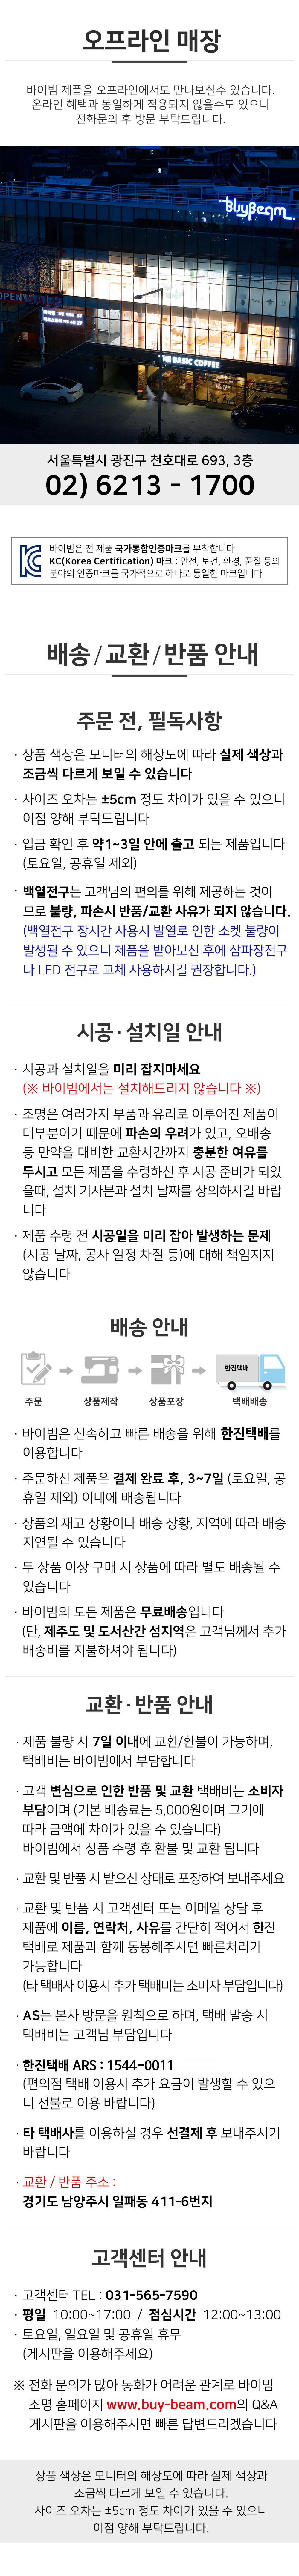 선데이 러그(100x150)-소형 - 바이빔, 22,400원, 디자인러그, 심플러그